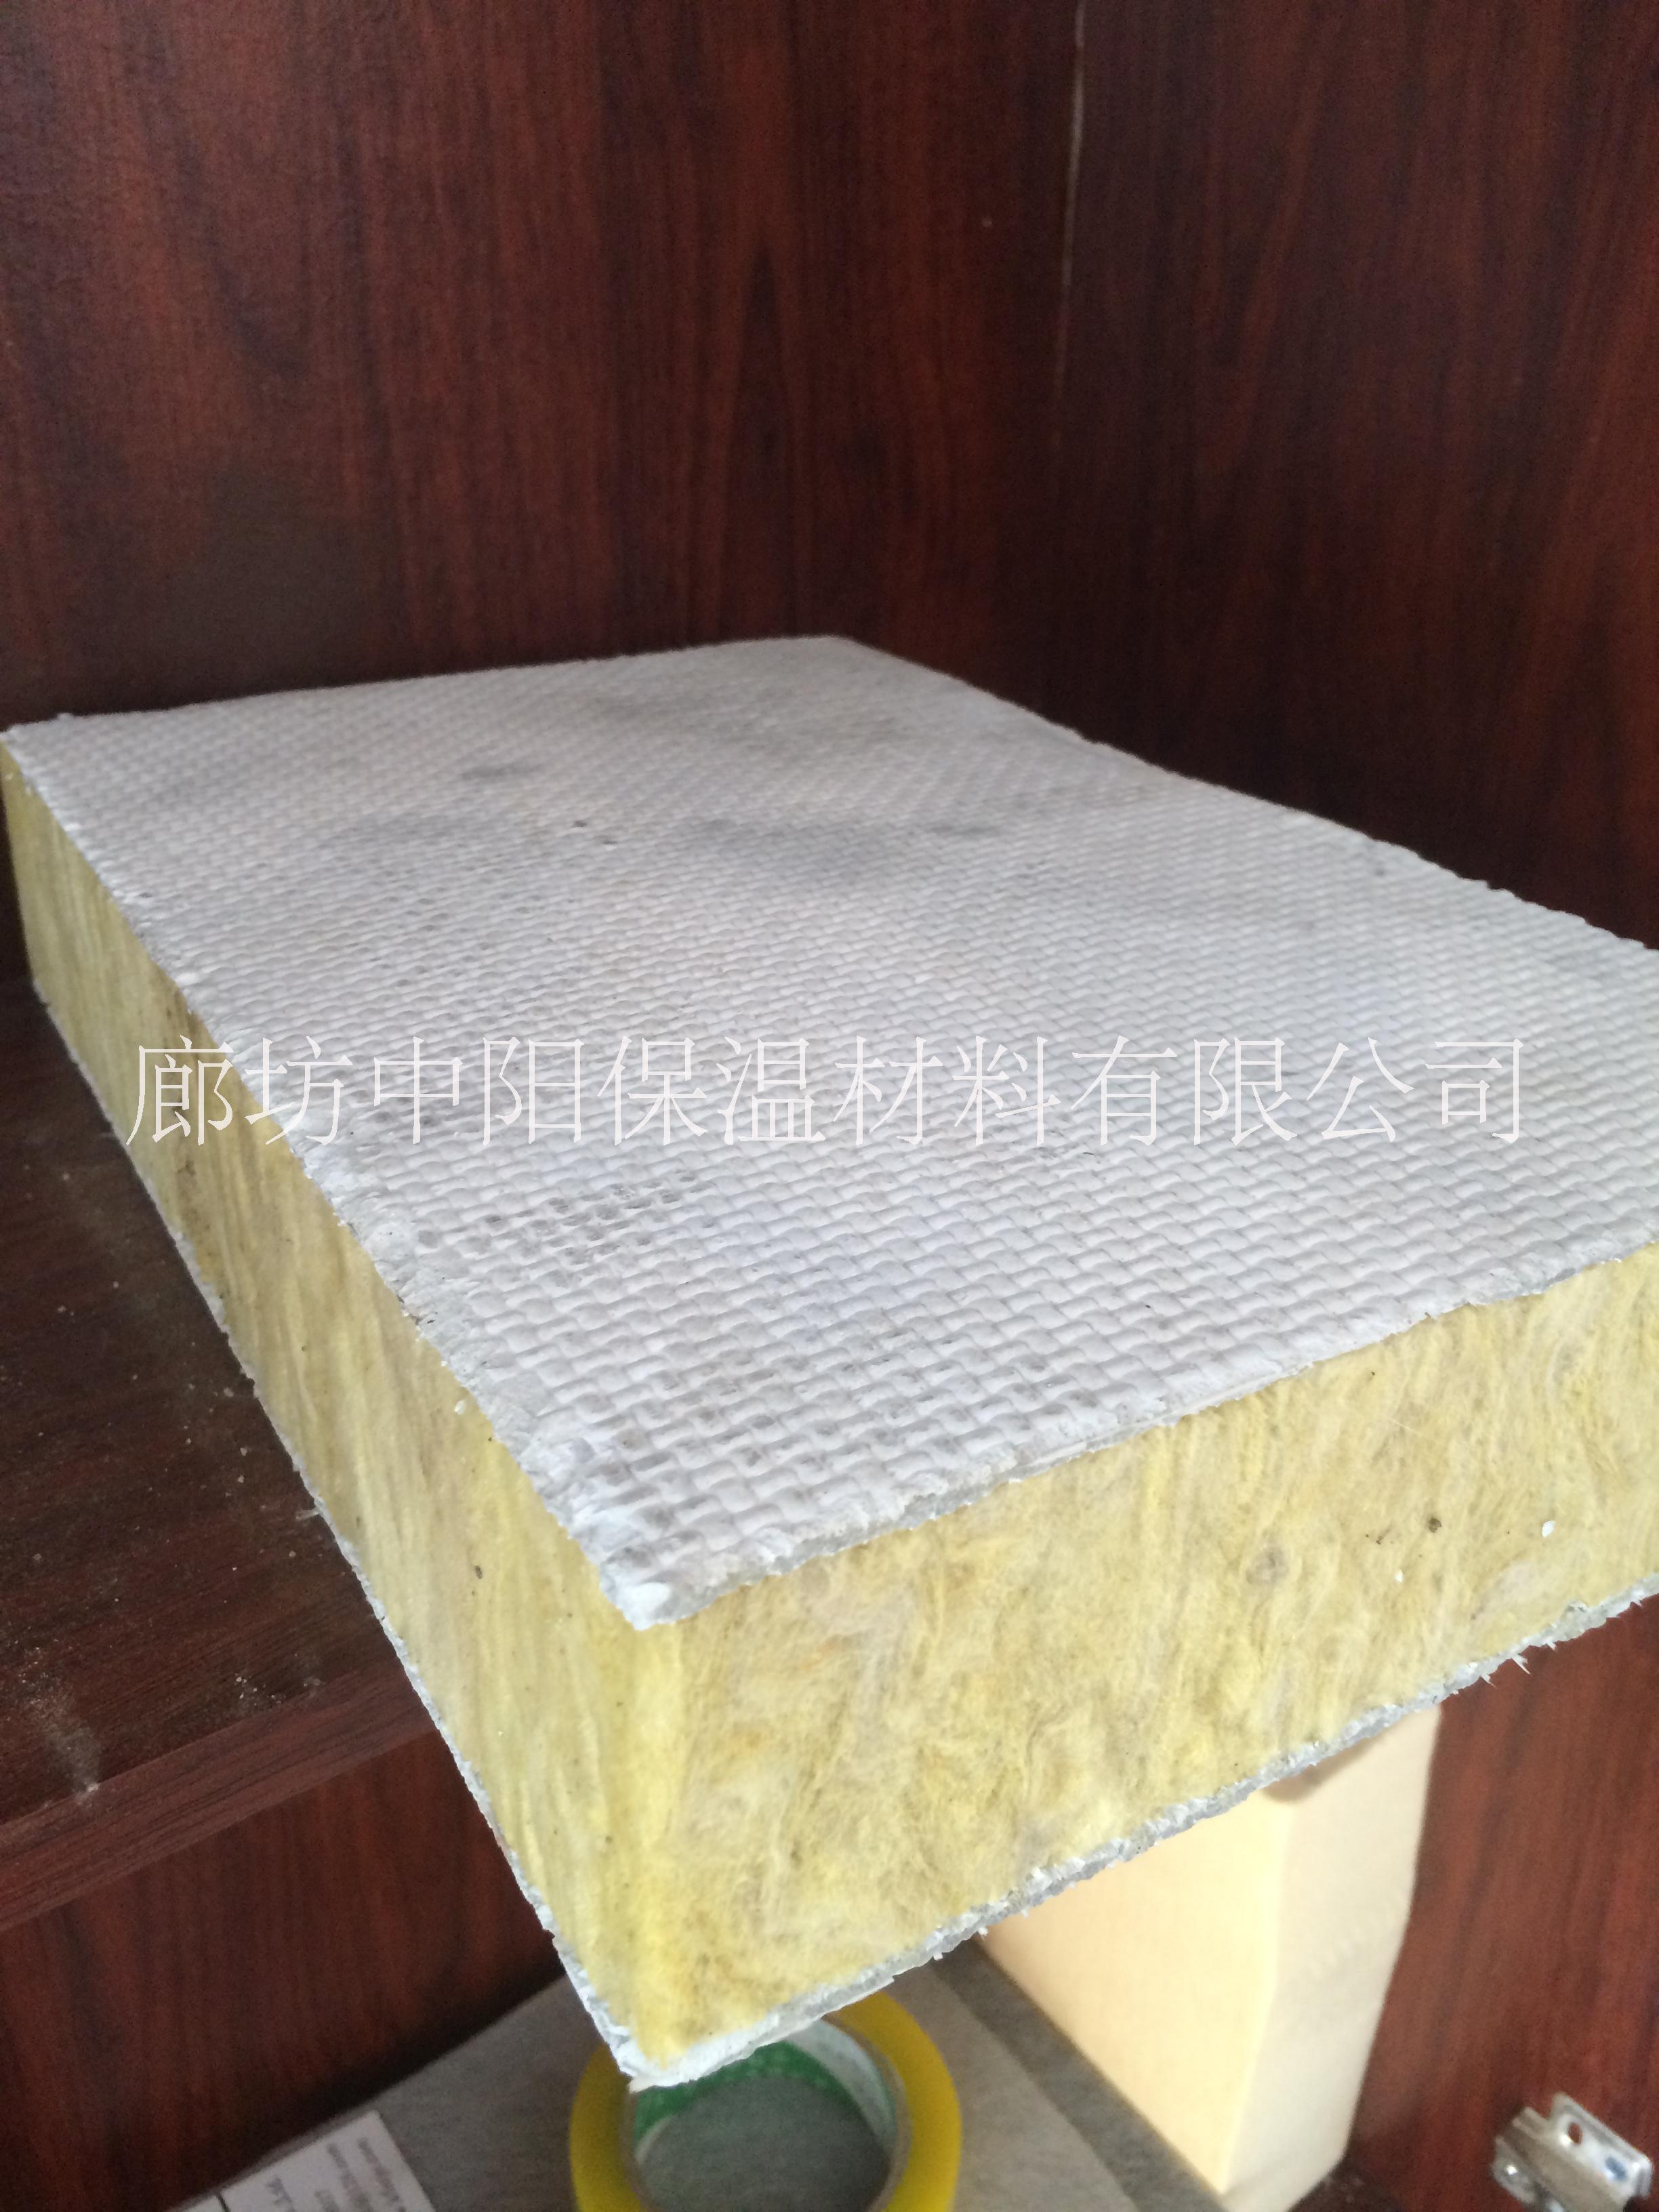 厂家直销外墙岩棉复合板,外墙复合岩棉板 18803167056